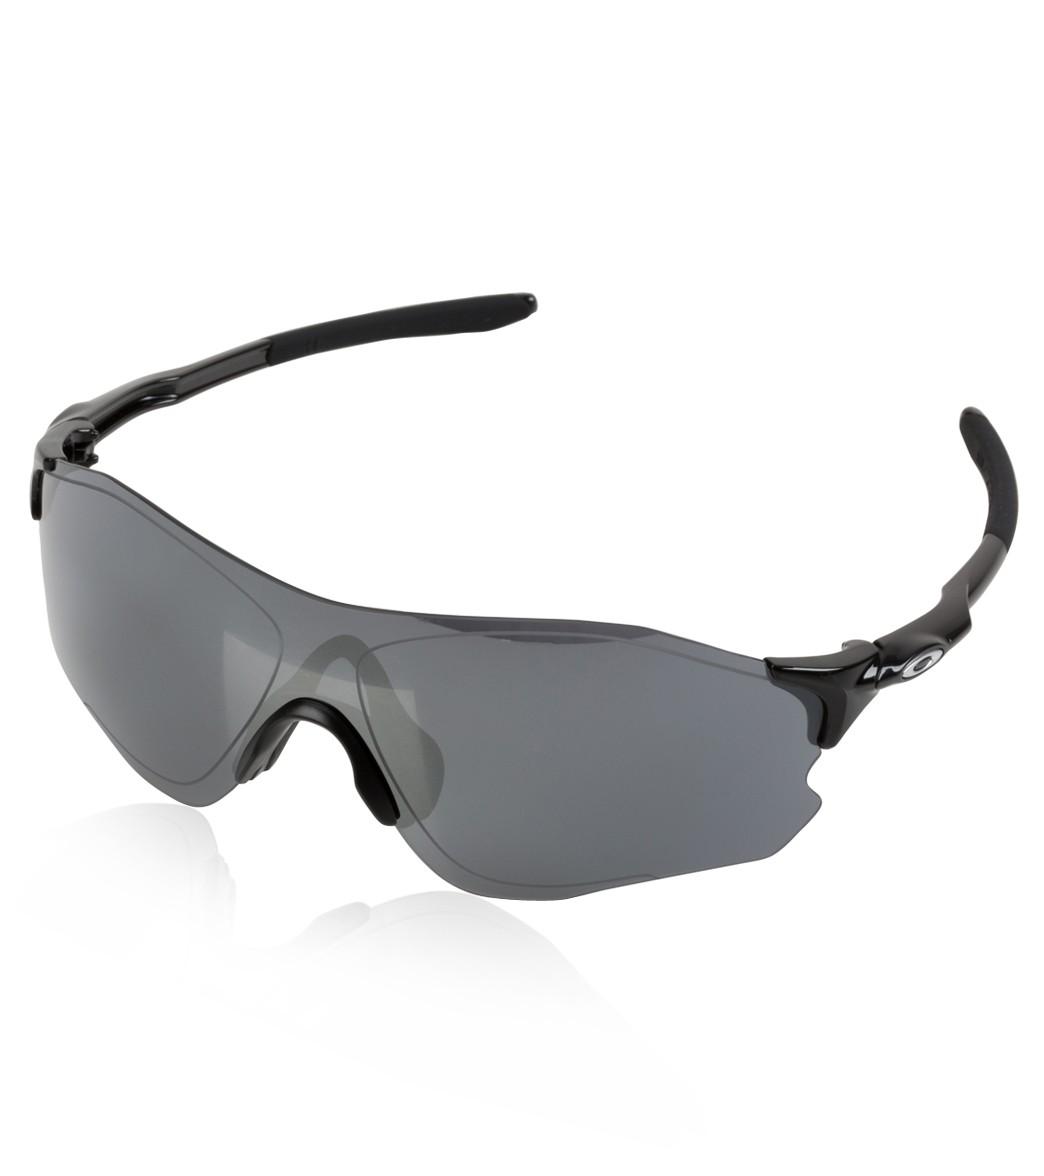 1f503f4b8d Oakley EVZero Path Sunglasses at SwimOutlet.com - Free Shipping